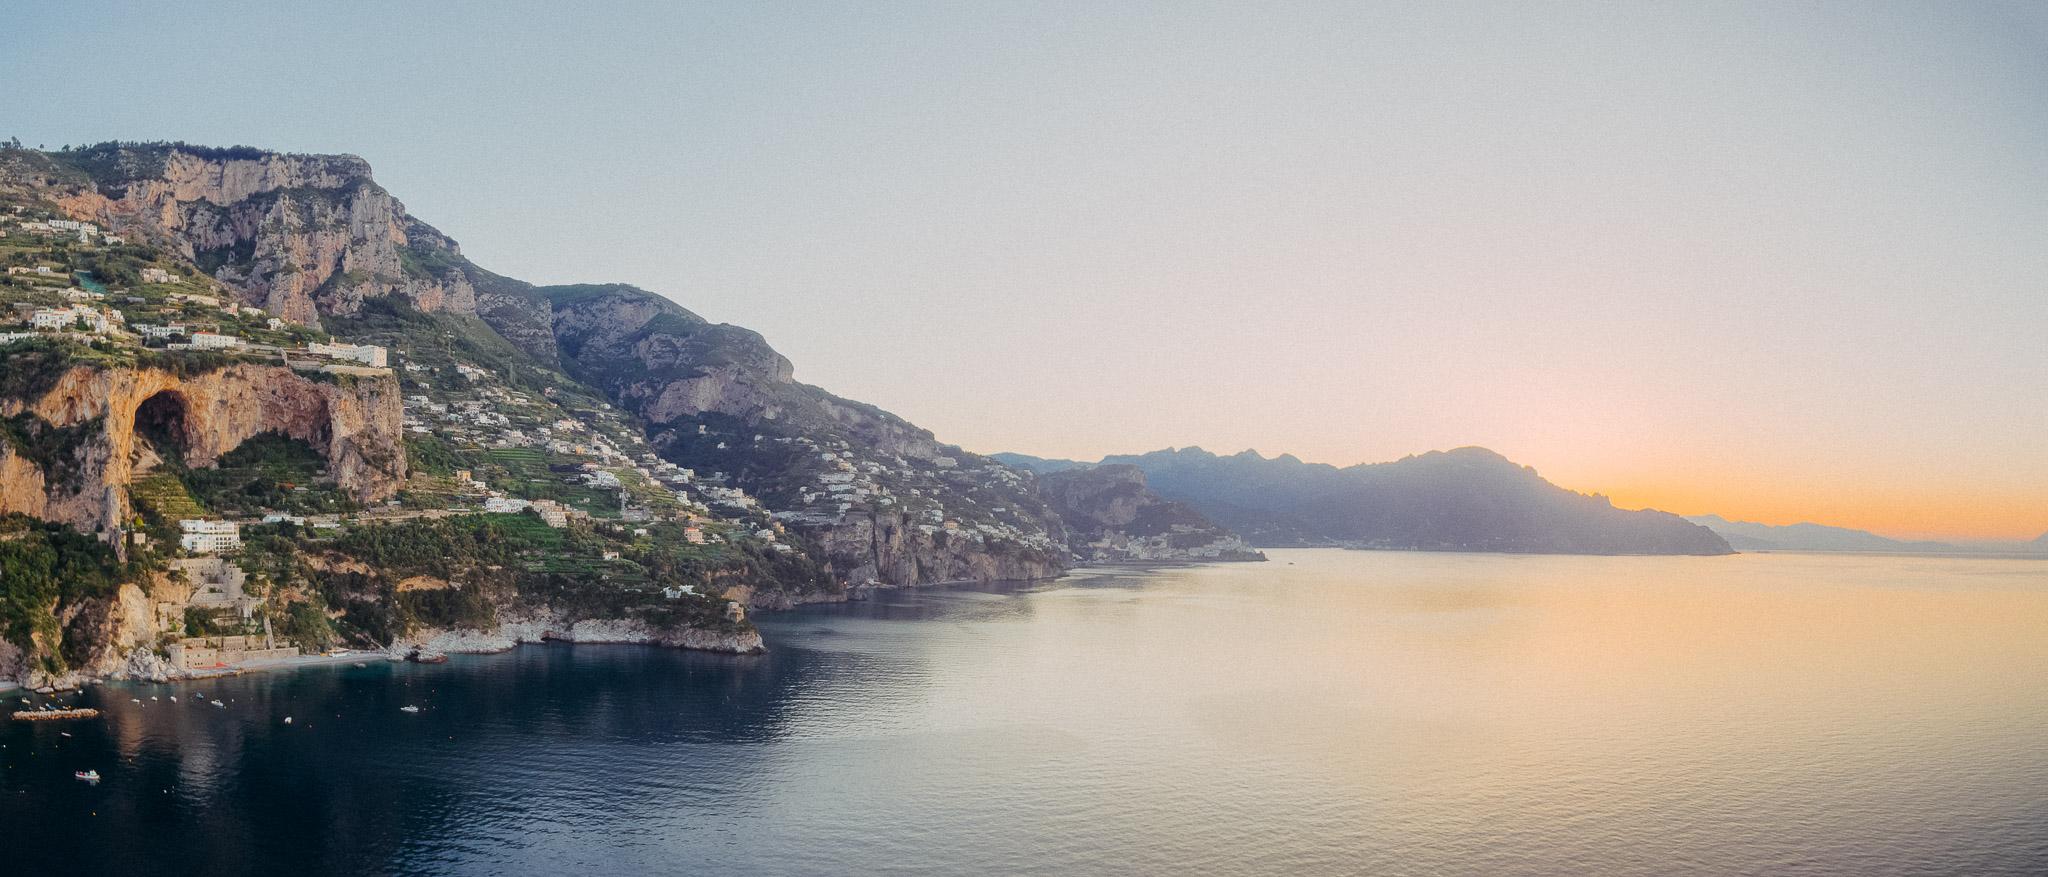 Conca Dei Marini